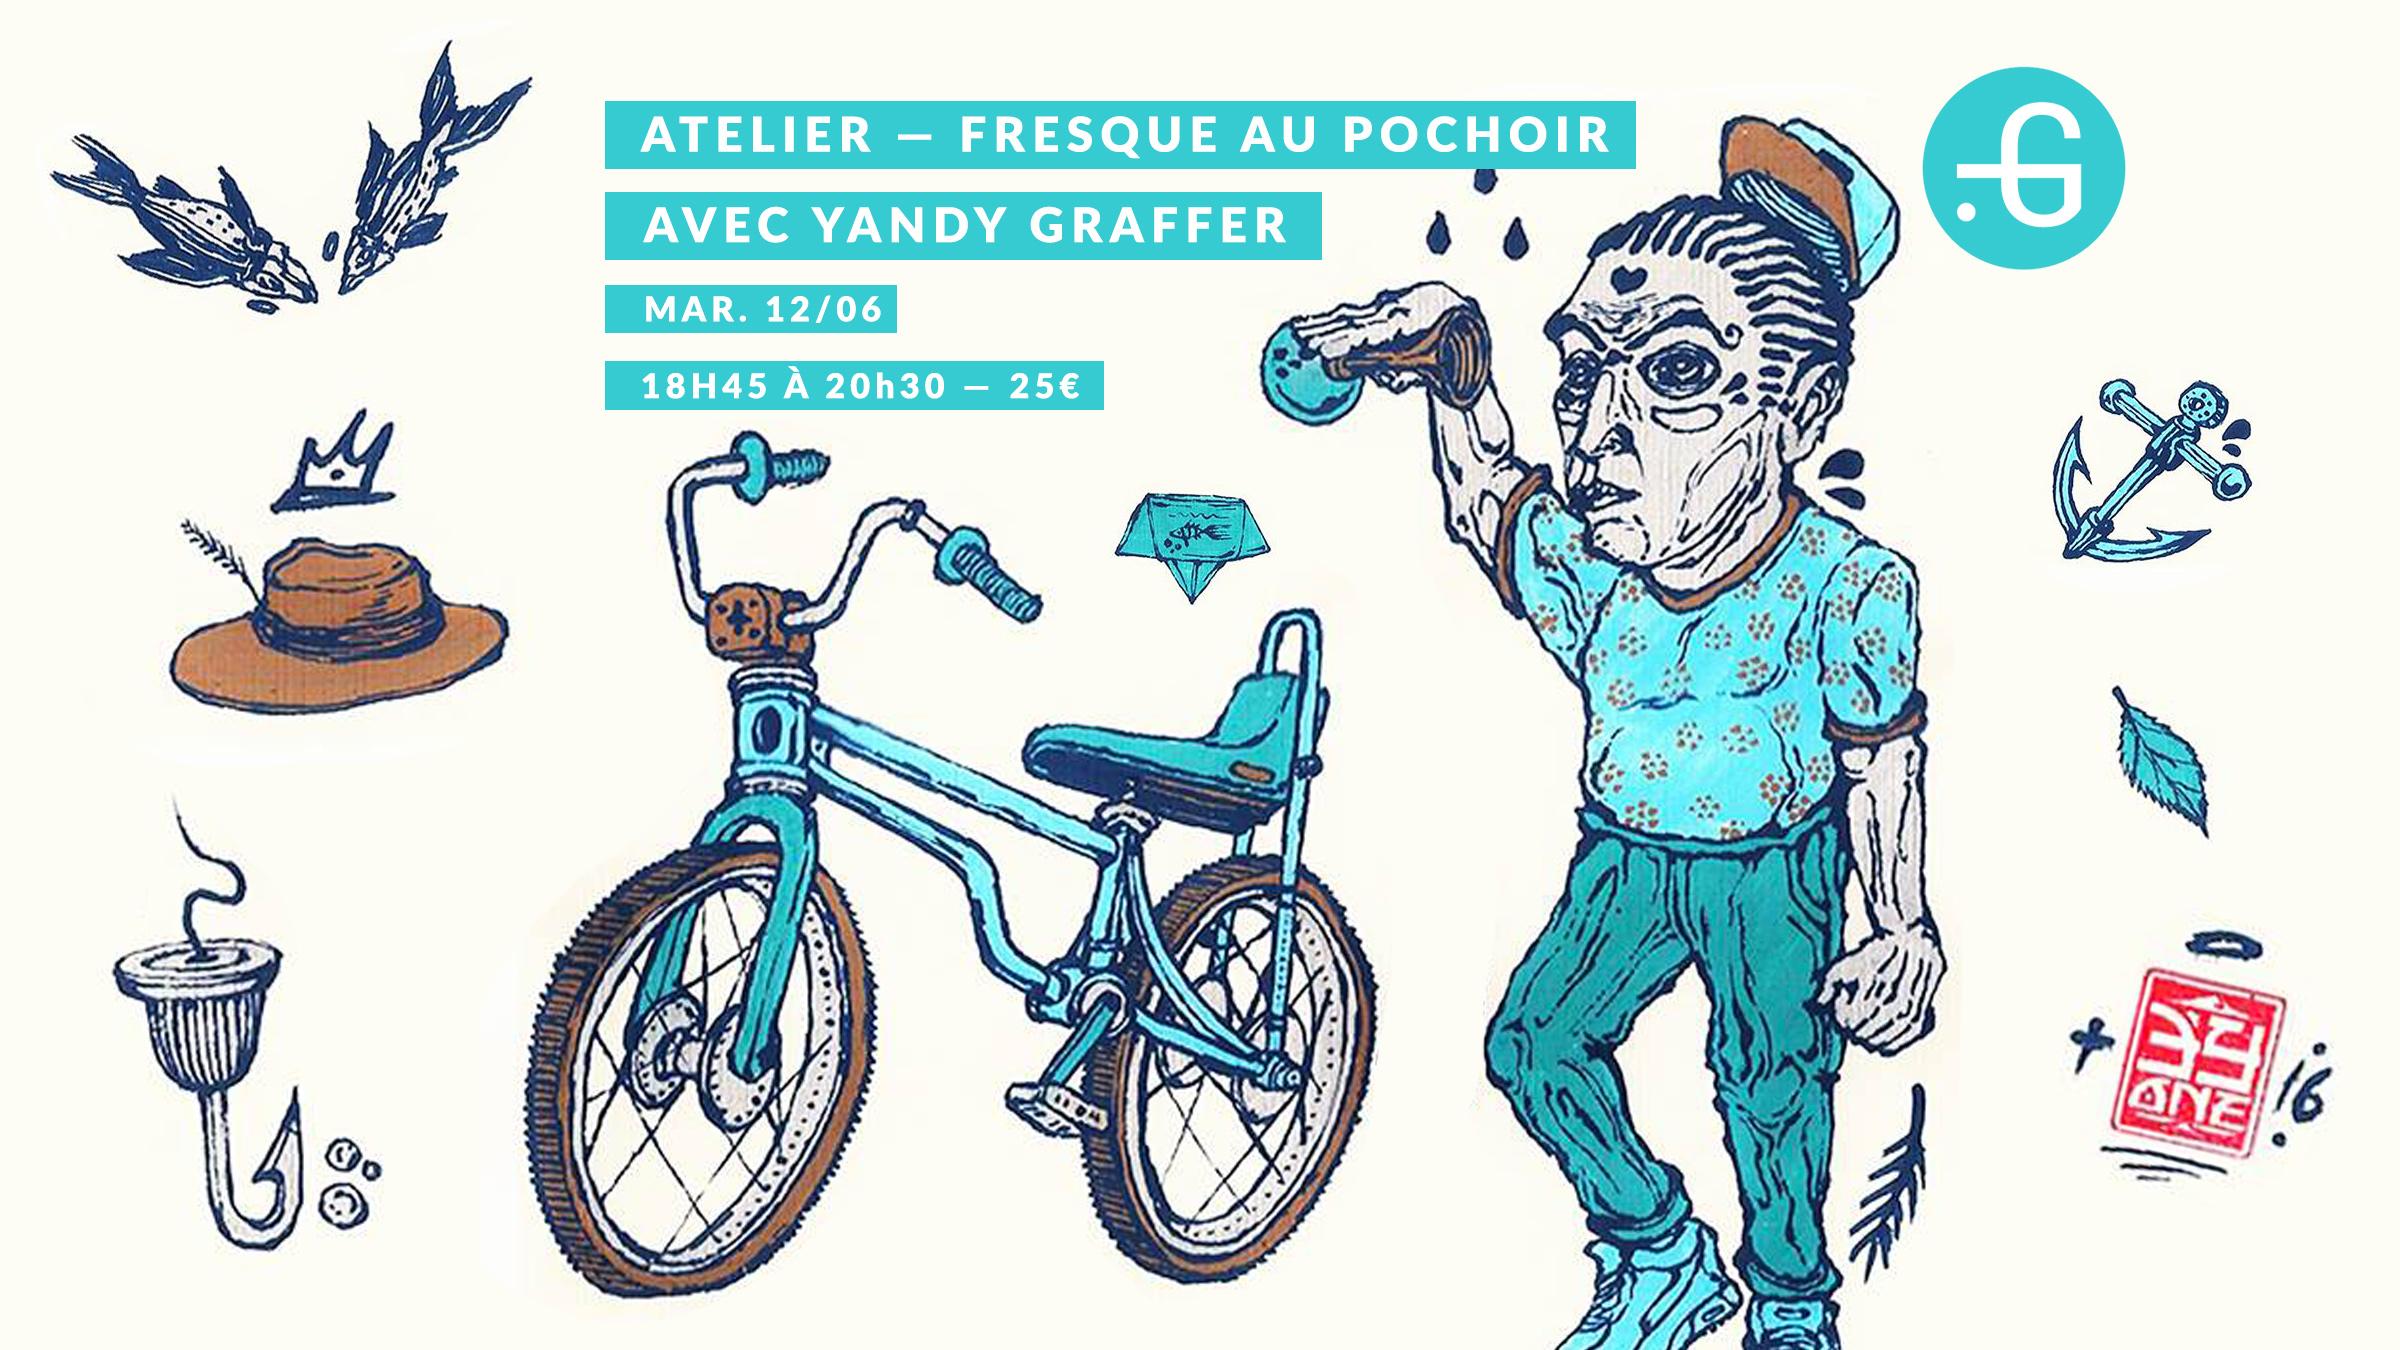 Atelier, Fresque au pochoir, Yandi Graffer, 12/06